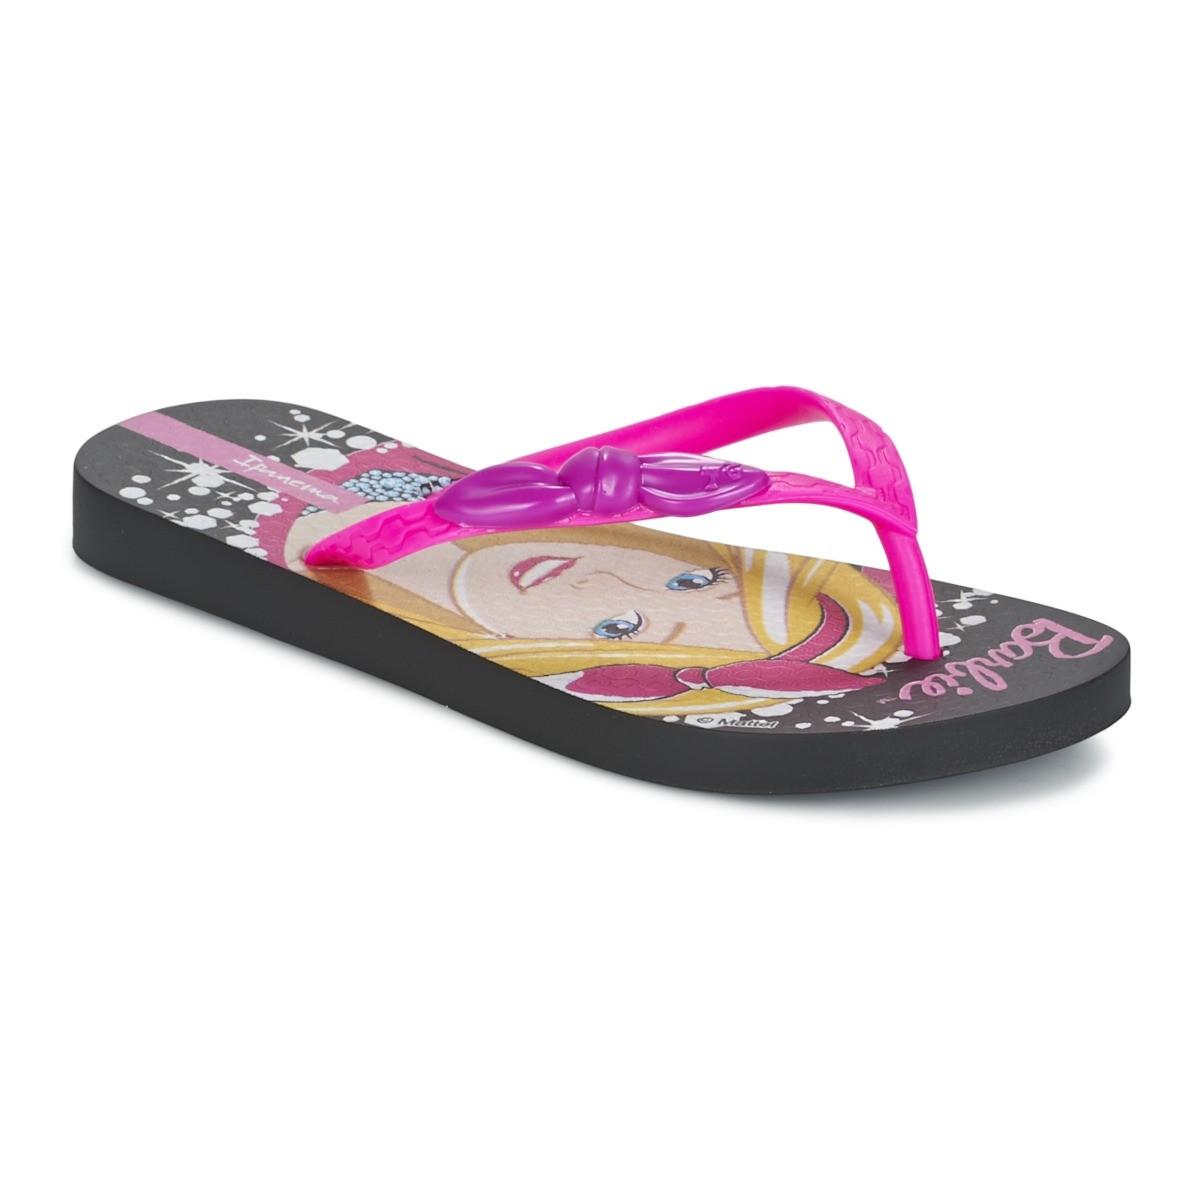 Calzature & Accessori rosa per bambina Ipanema Expreso Rápido Pagar Con Visa En Línea Barata Oficial Barato Venta Barata Venta Visita LSTYRt